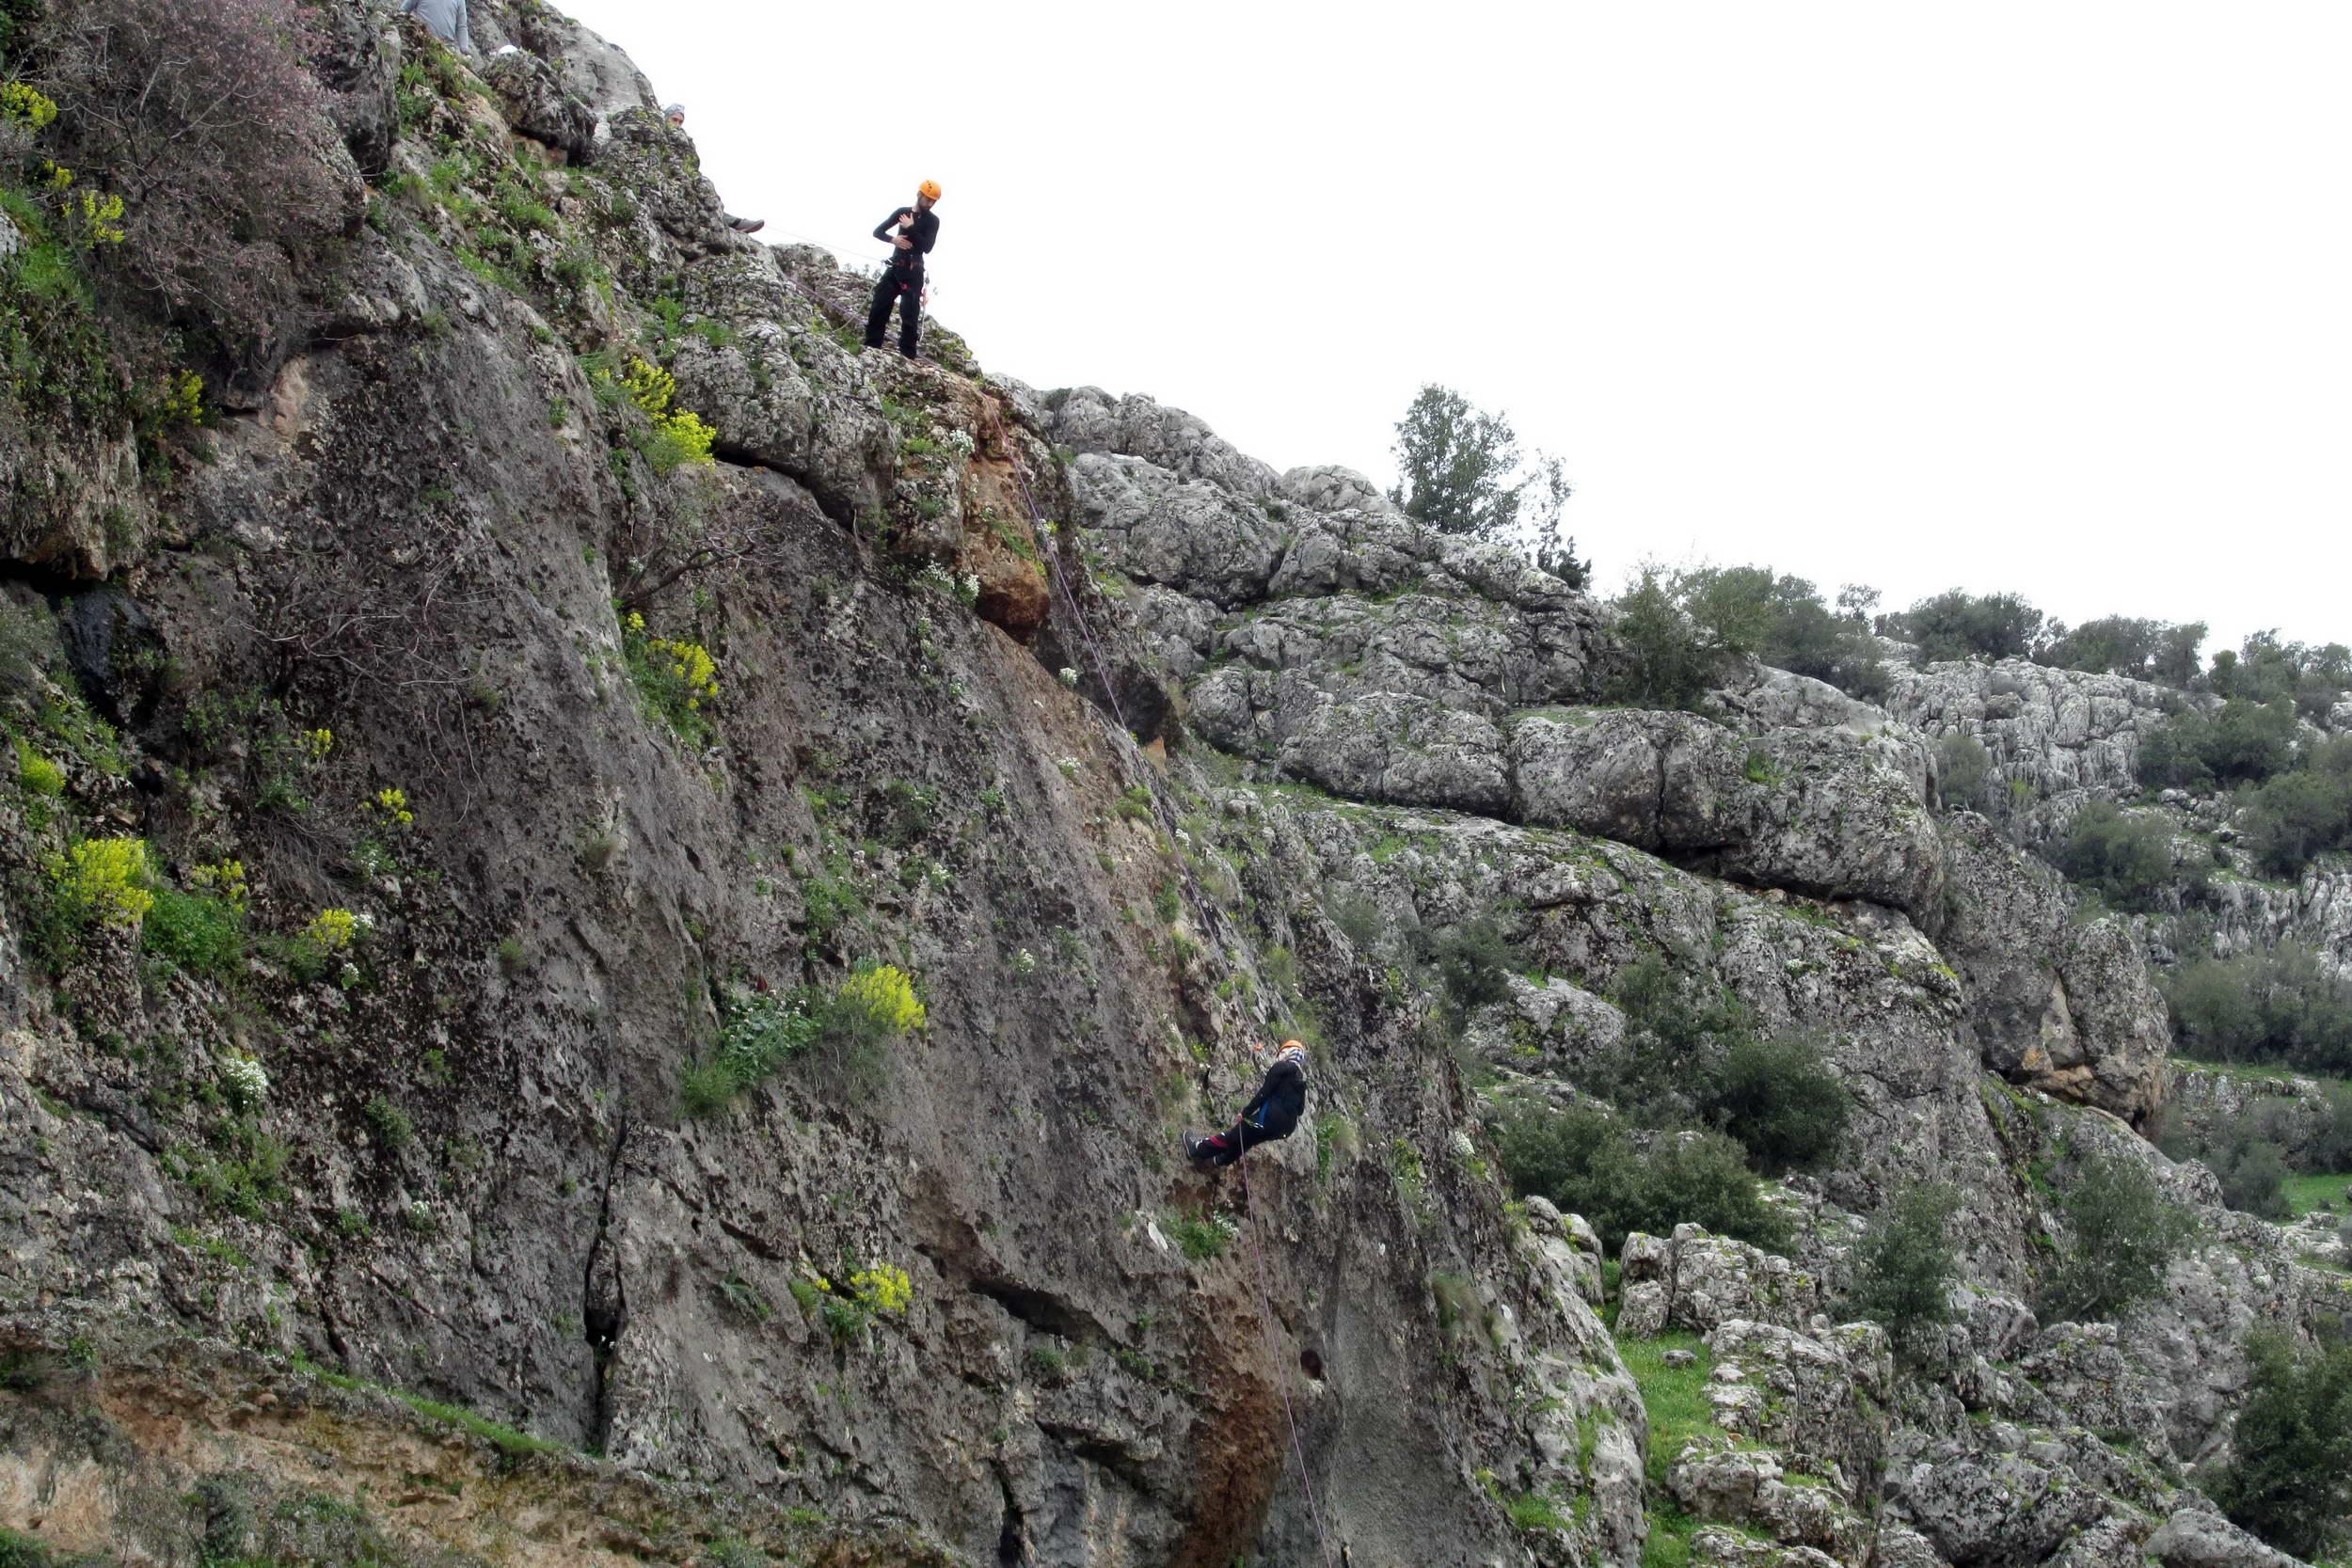 GÜDAT Yaz Gelişim Eğitim Kampını Köklüce Kanyonu'nda Tamamladı (3)